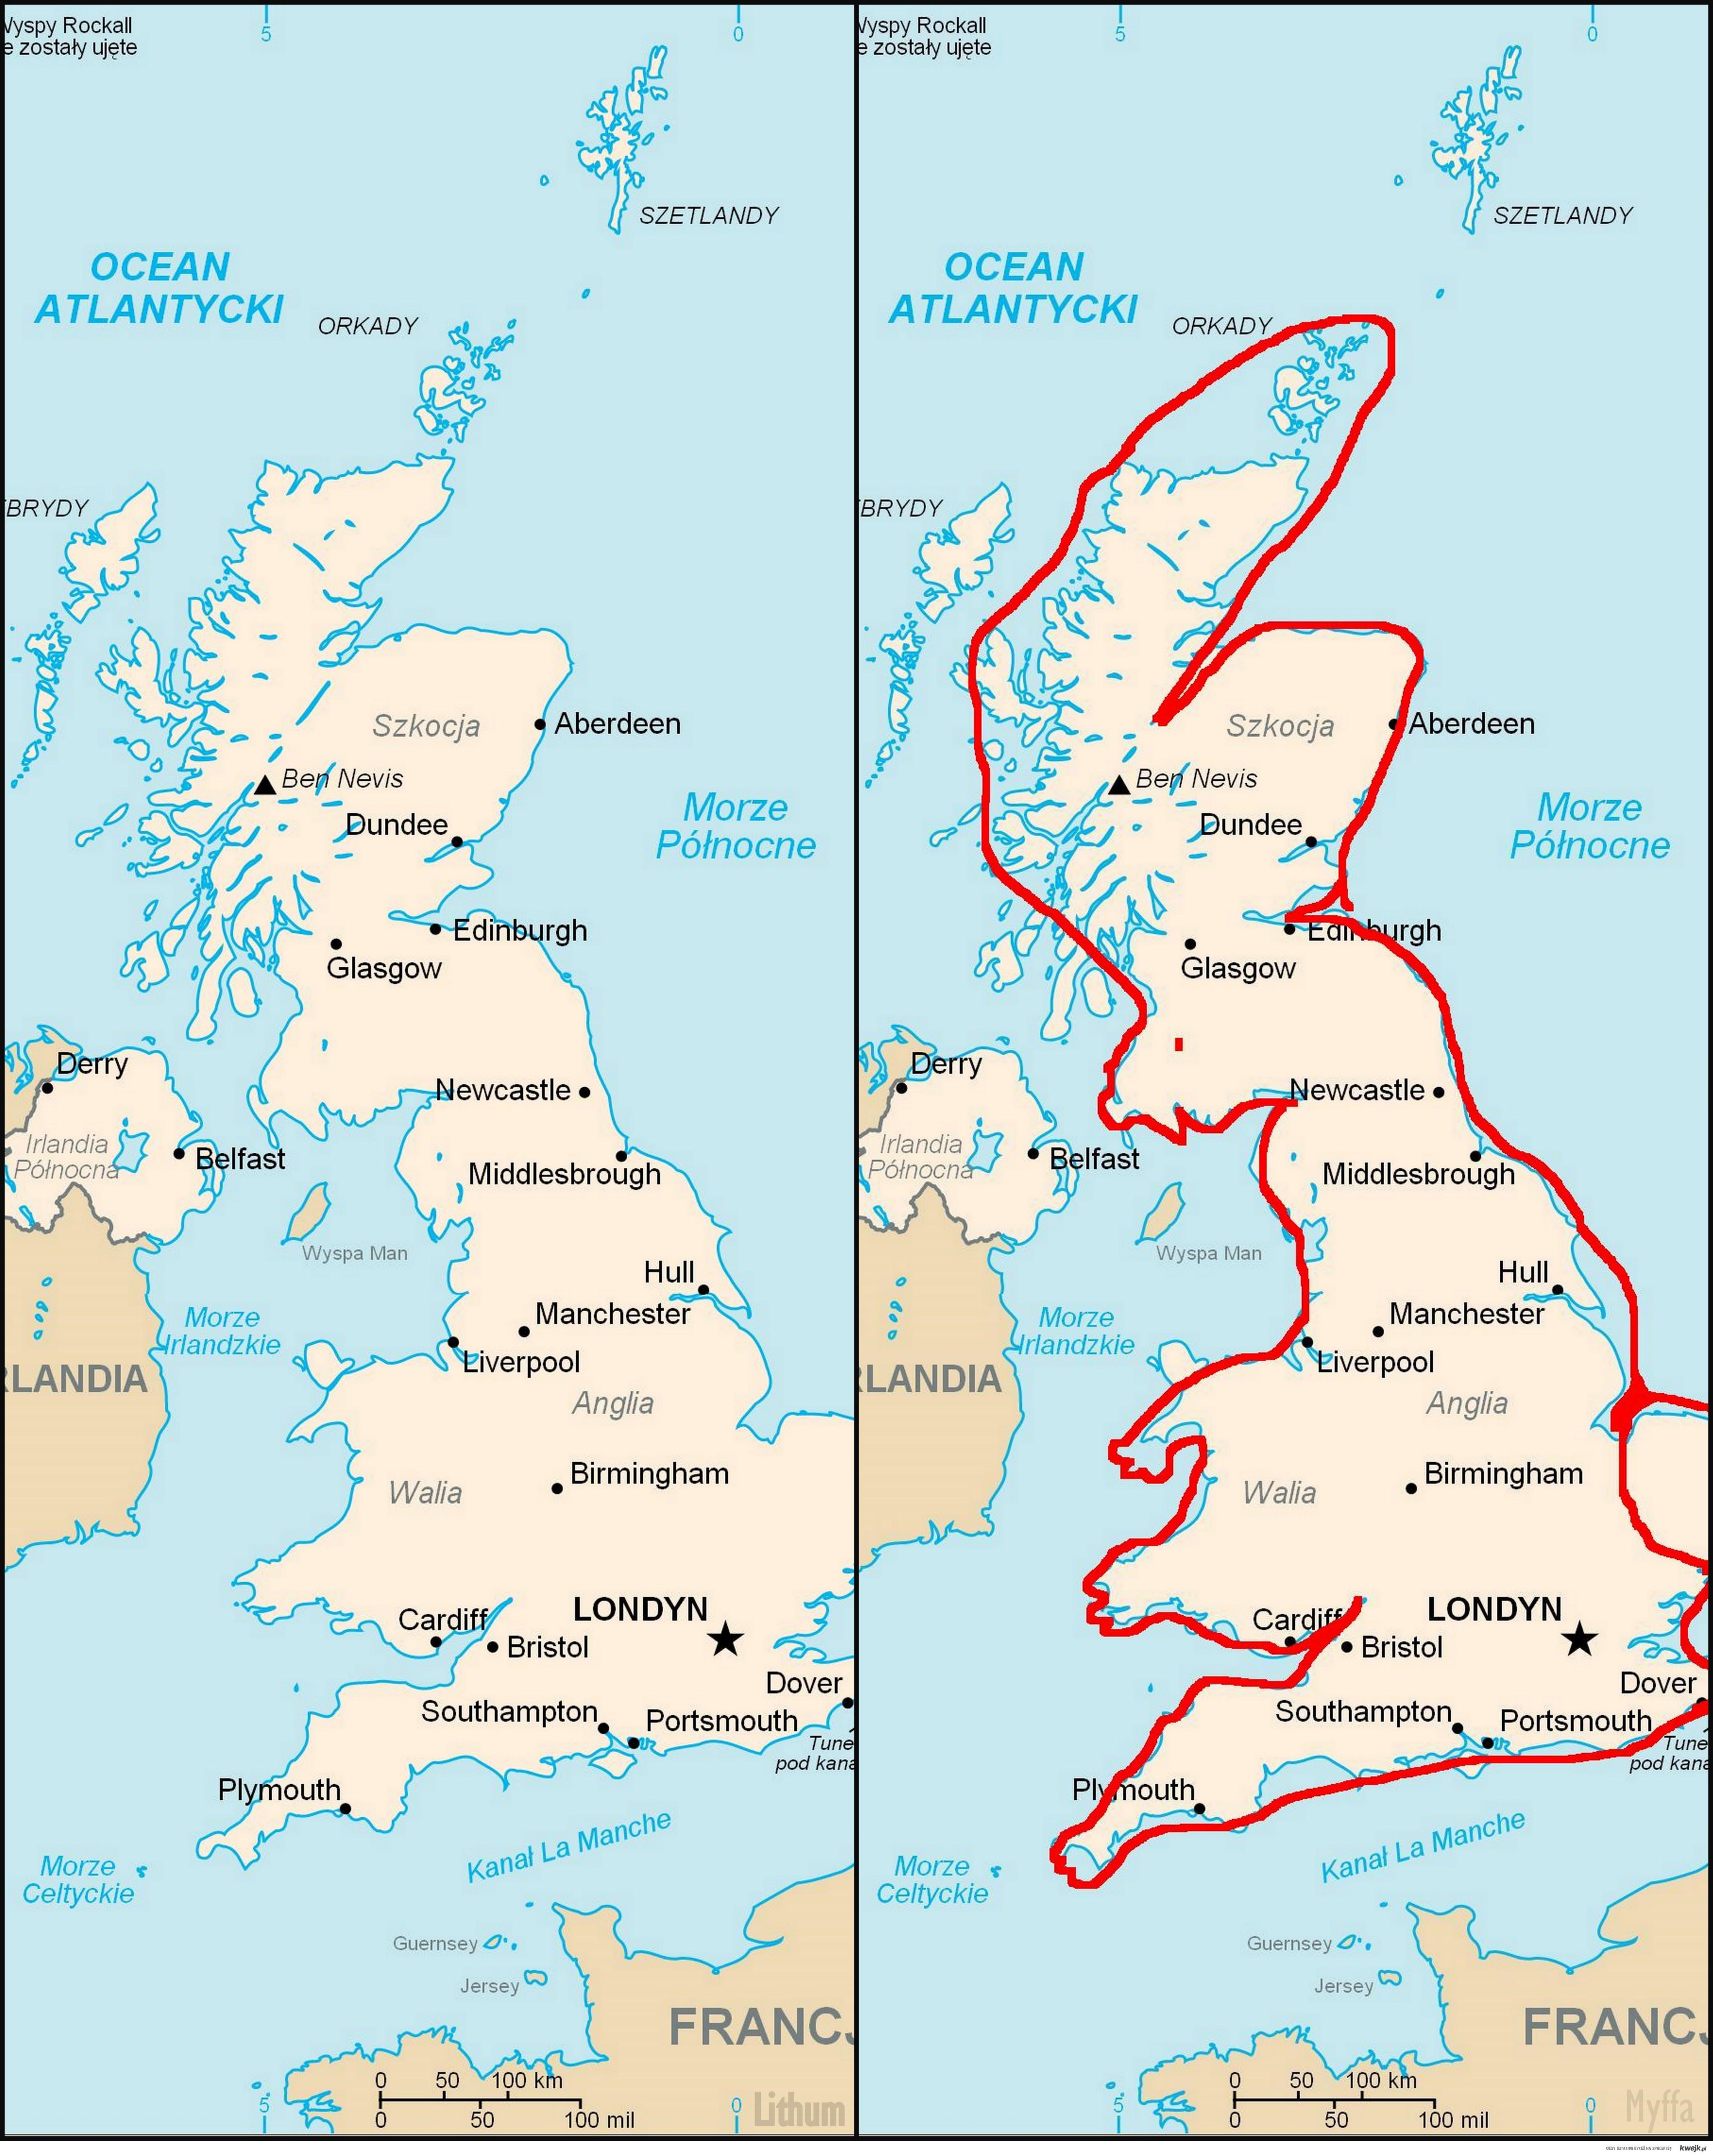 Wielka Brytania to Królik!